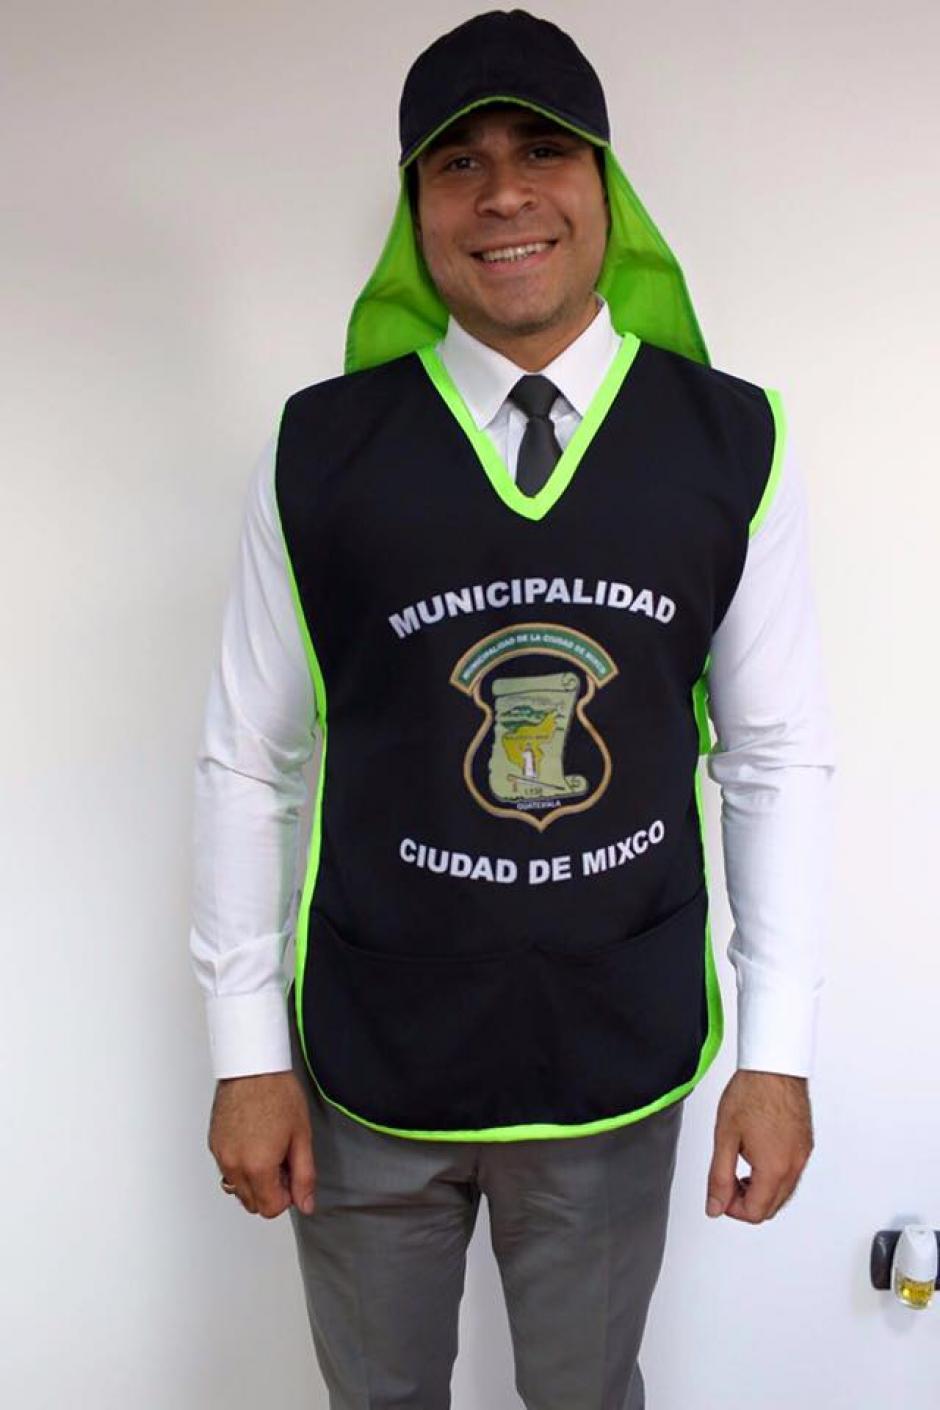 El alcalde de Mixco muestra el atuendo que usan los trabajadores de la municipalidad. (Foto: Facebook/Neto Bran)